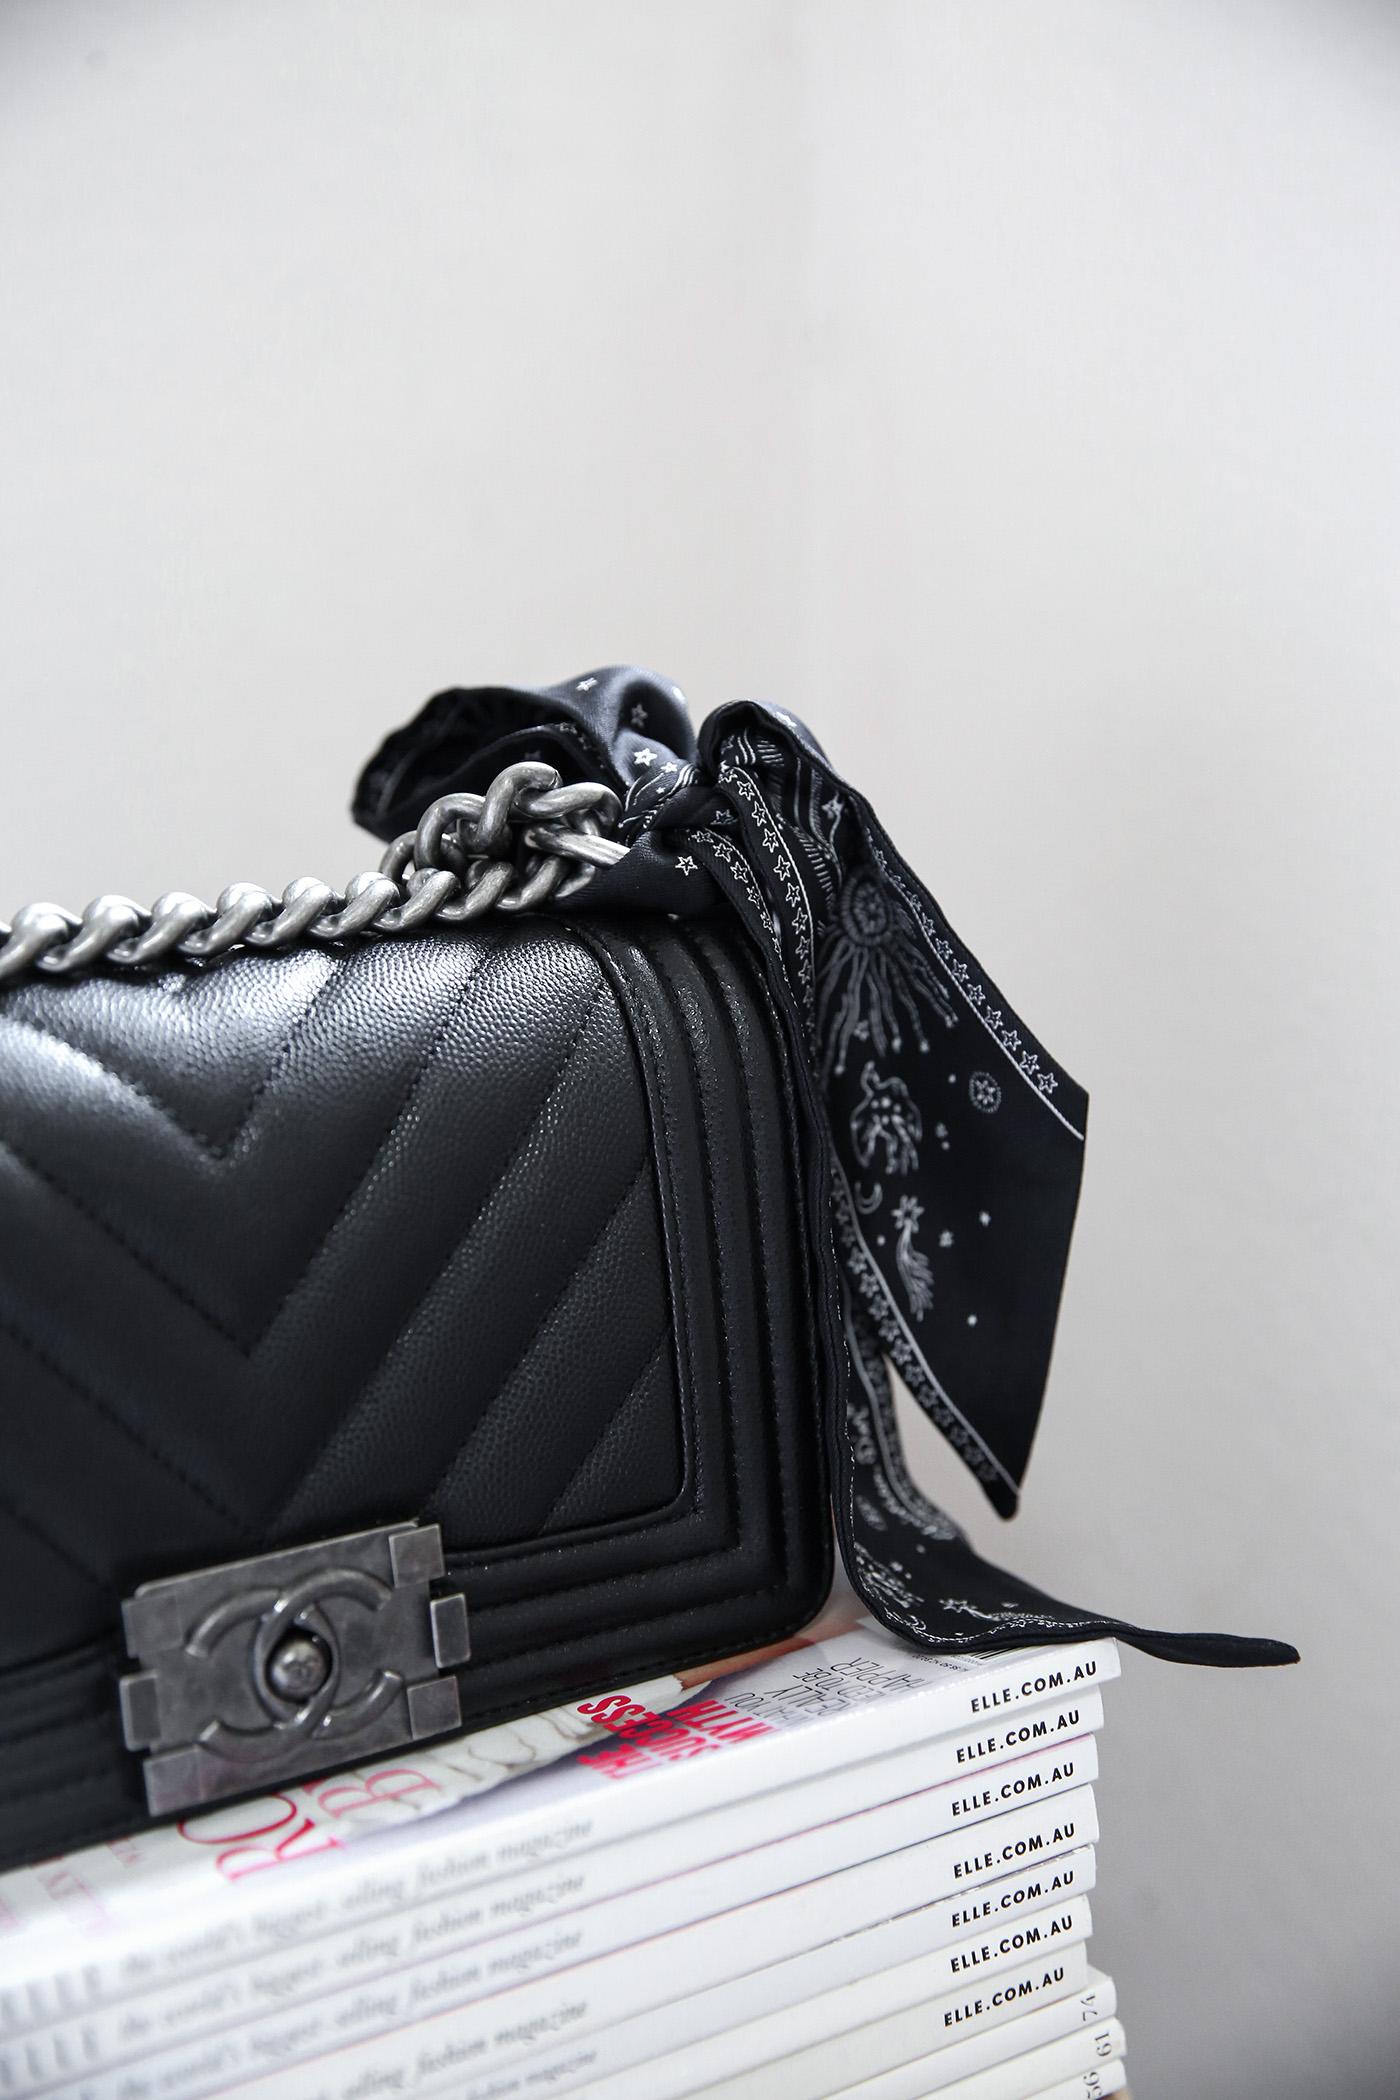 1b662187a57a5f My First Chanel Bag | Mademoiselle | A Minimalist Fashion Blog